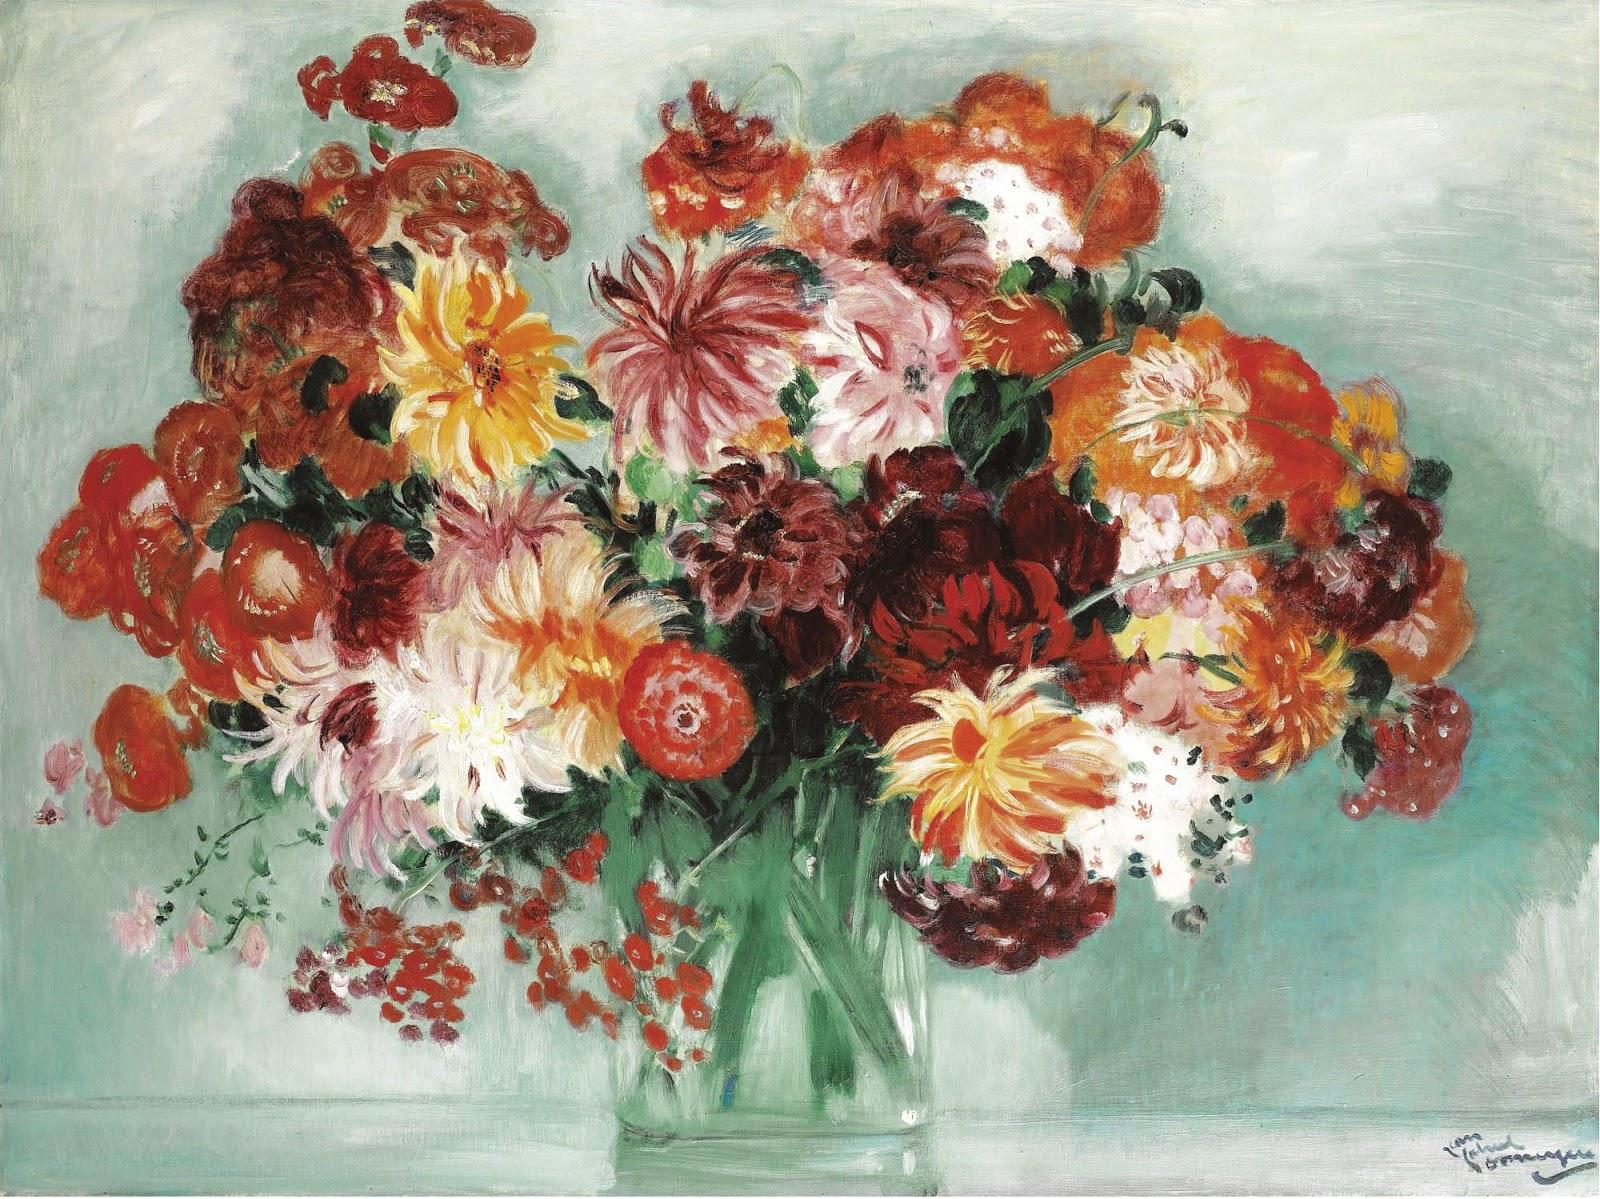 Jean Gabriel Domergue  ouquet of flowers